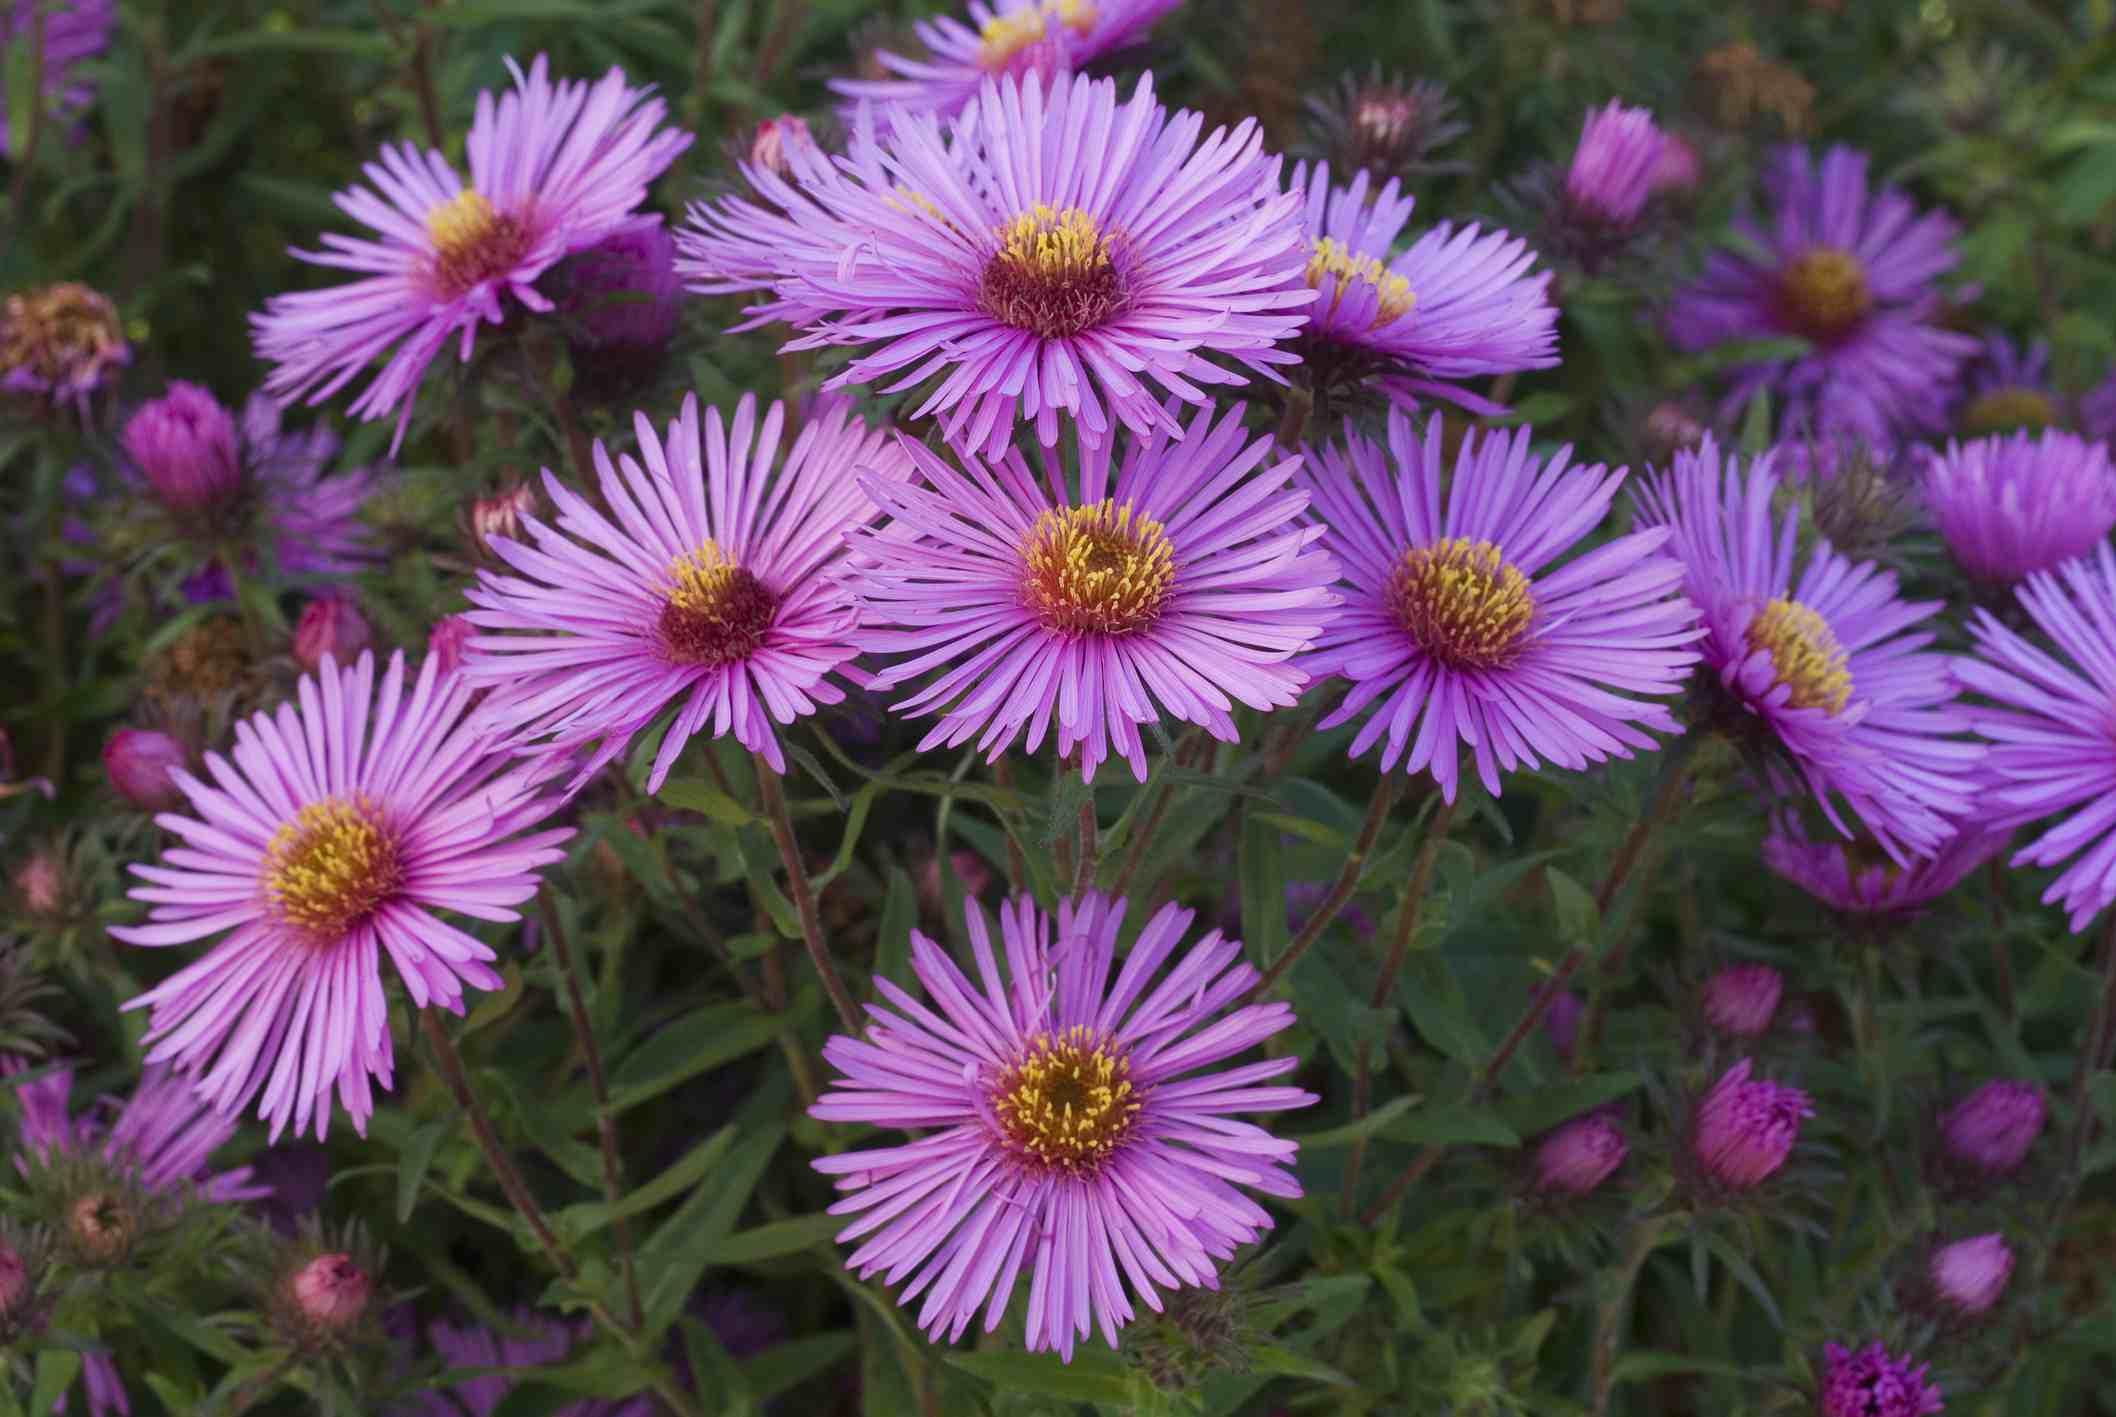 Cerca de los ásteres púrpuras en flor